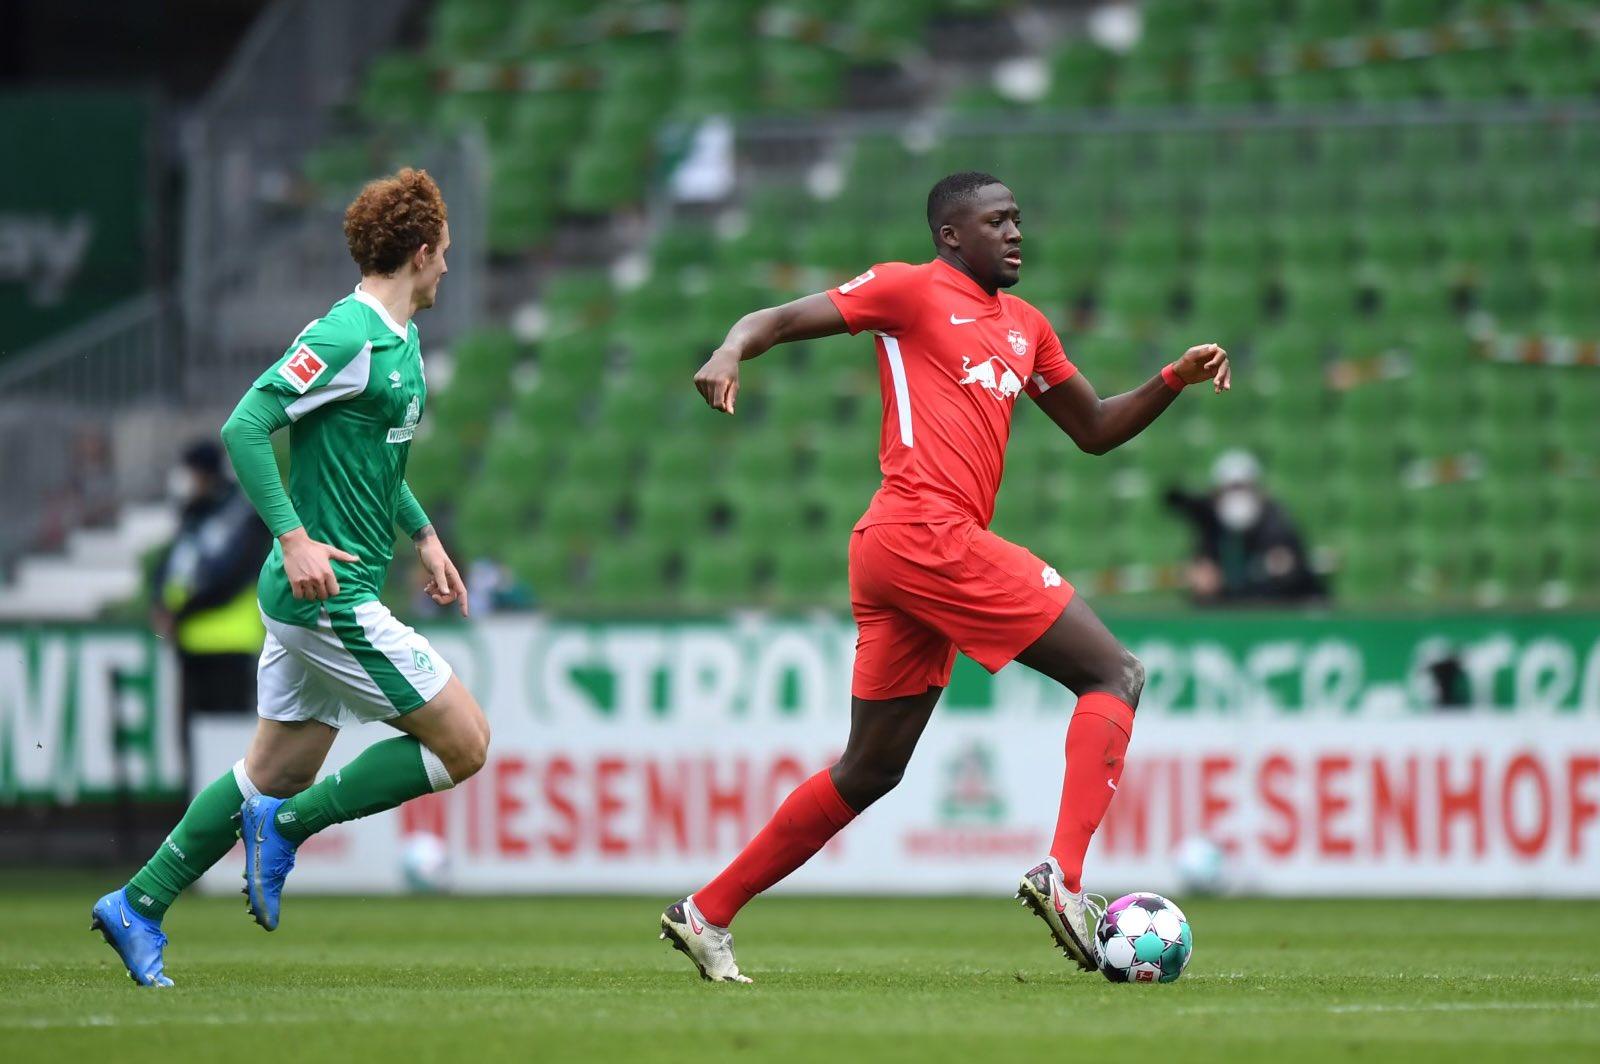 Liverpool bie dakord me kushtet për 35 milion euro për Konate